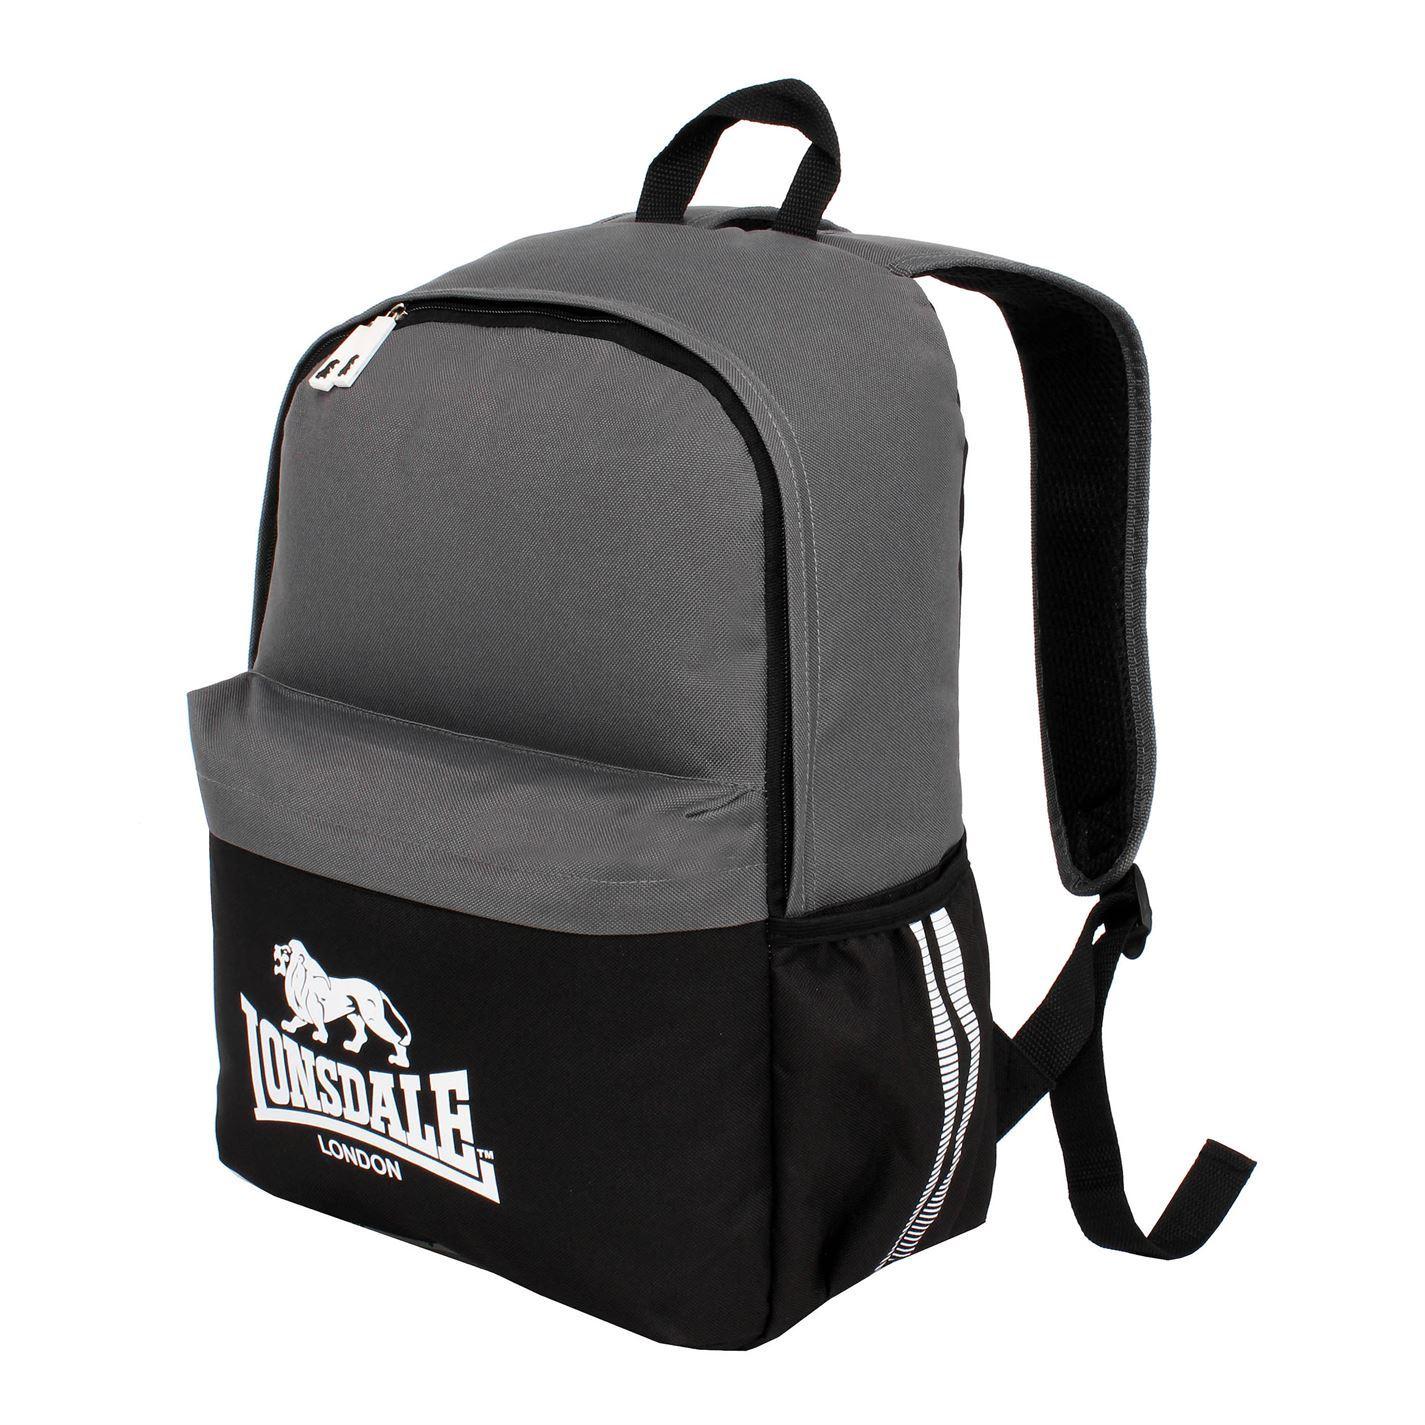 cef5030625c6a ... Lonsdale Pocket Backpack Black Charcoal Rucksack Sports Bag Gymbag  Kitbag ...